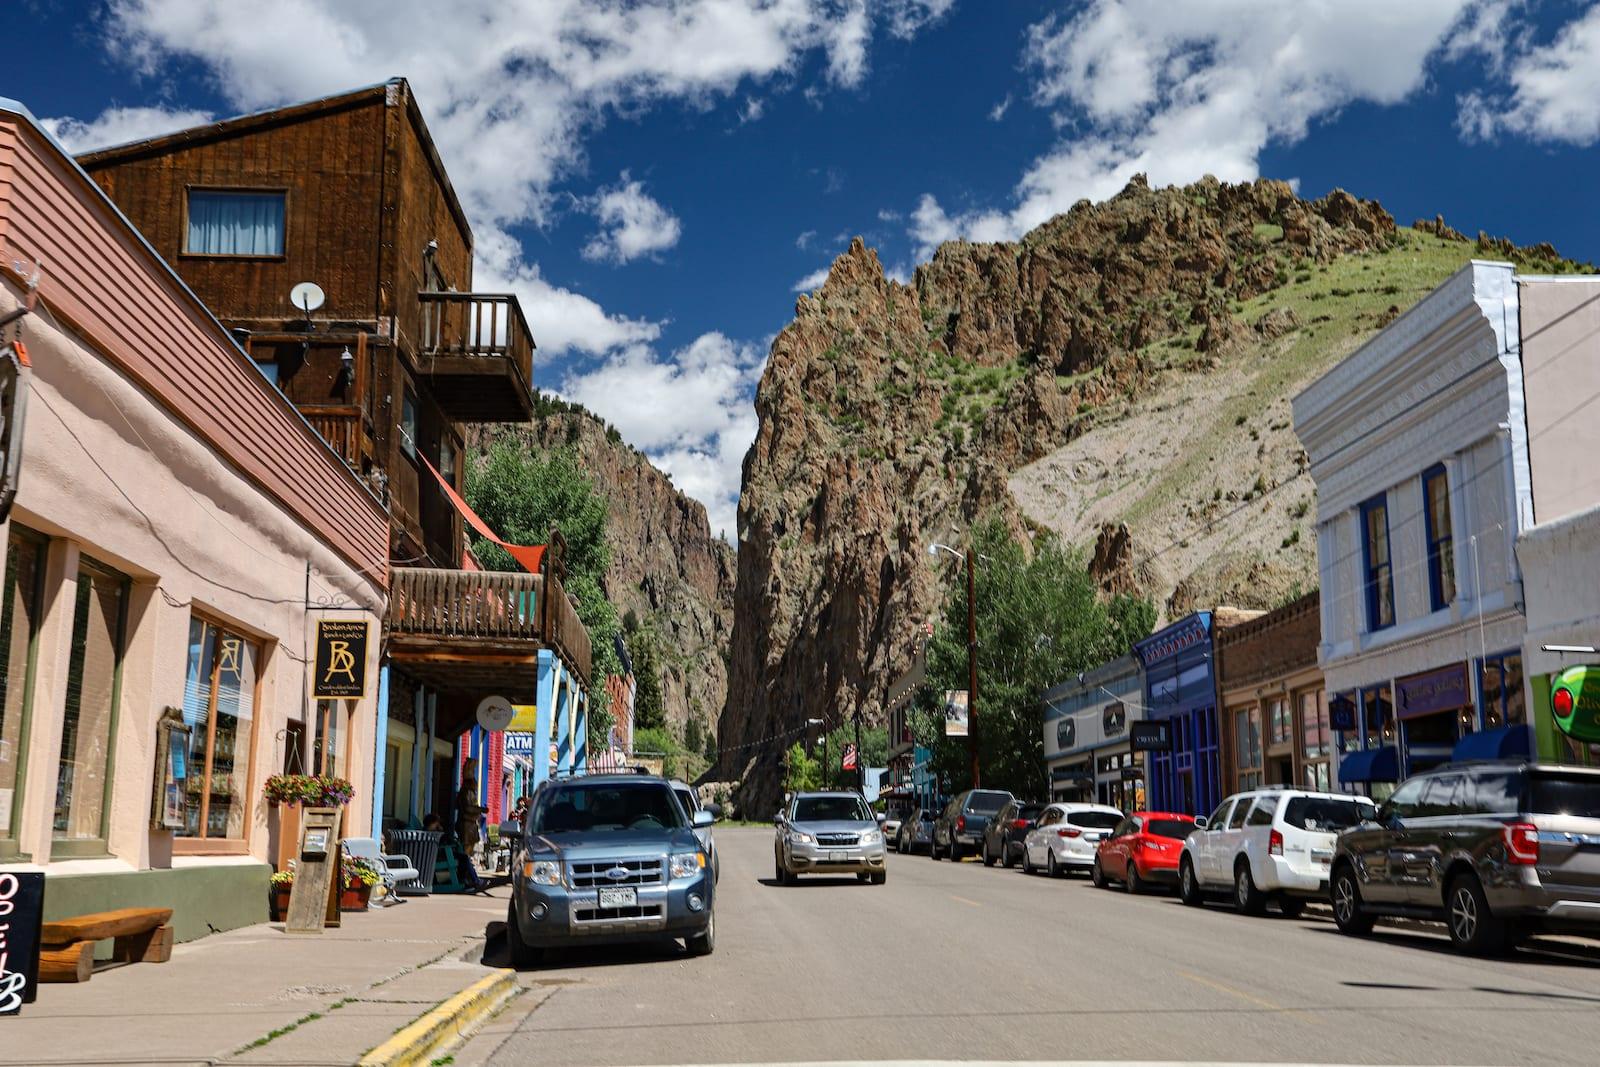 Downtown Creede Colorado